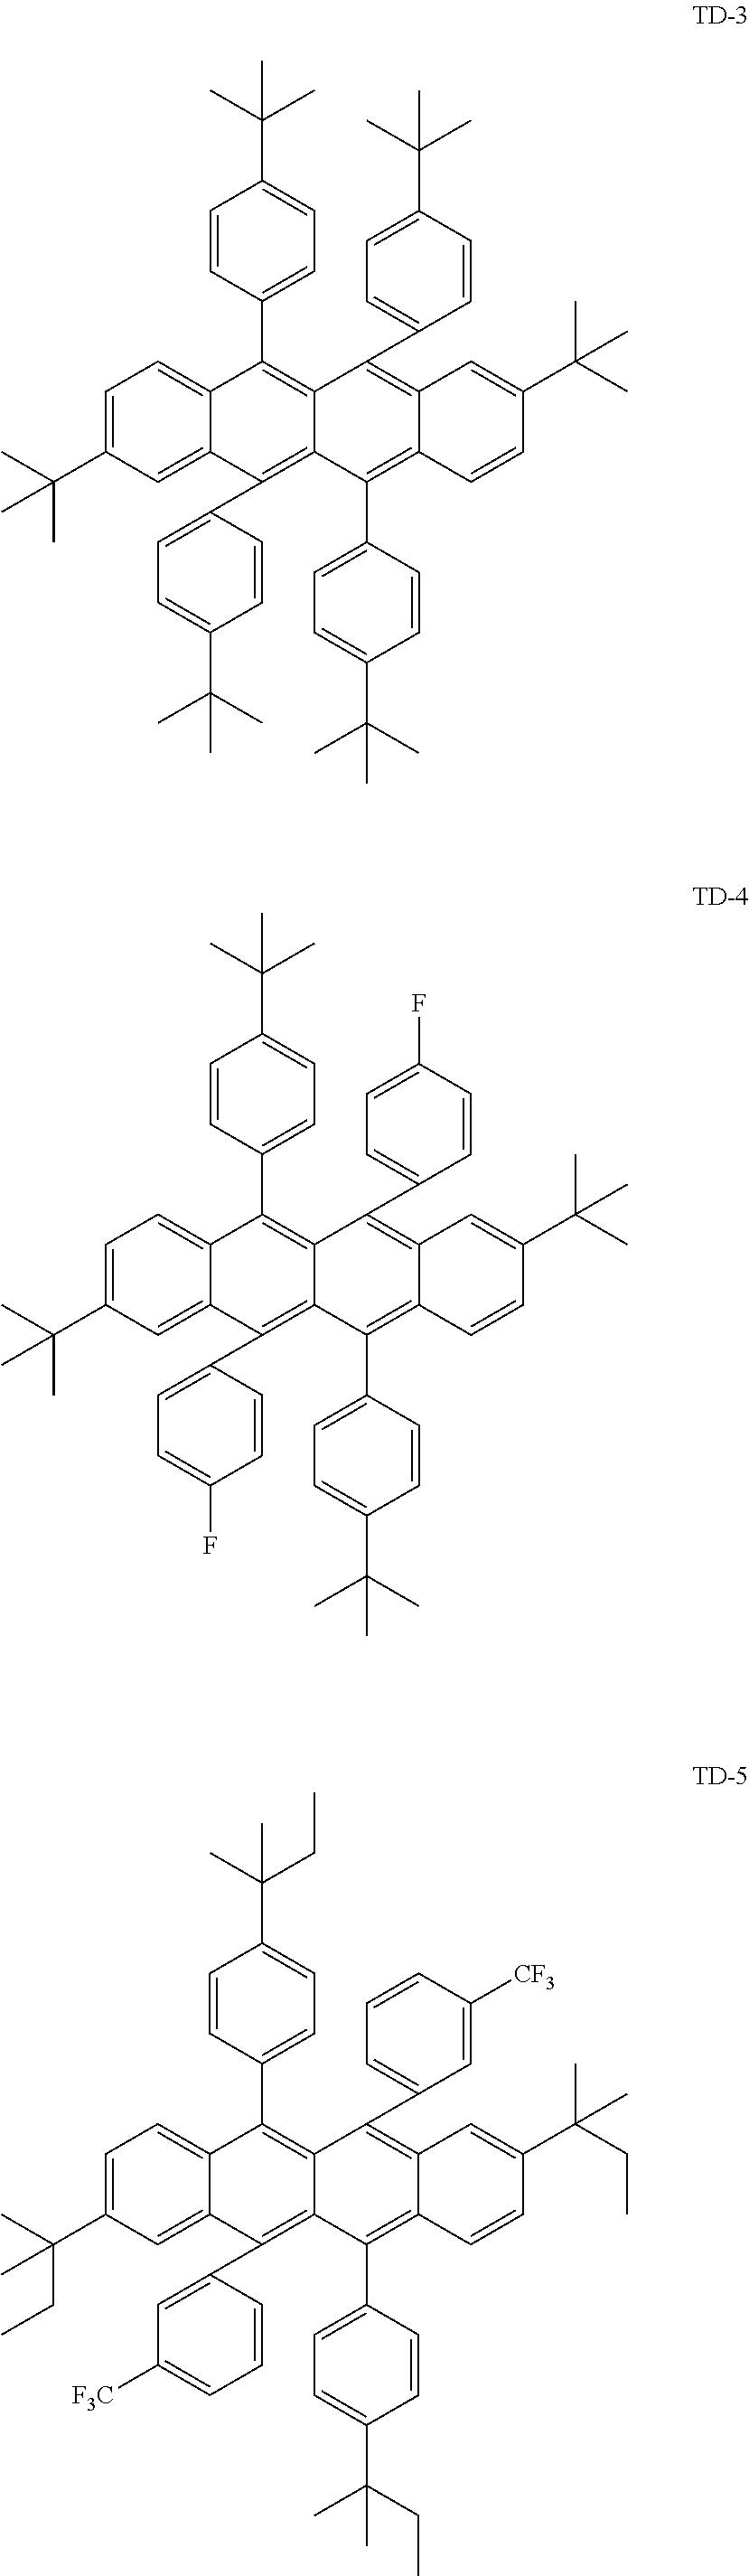 Figure US20110018429A1-20110127-C00010